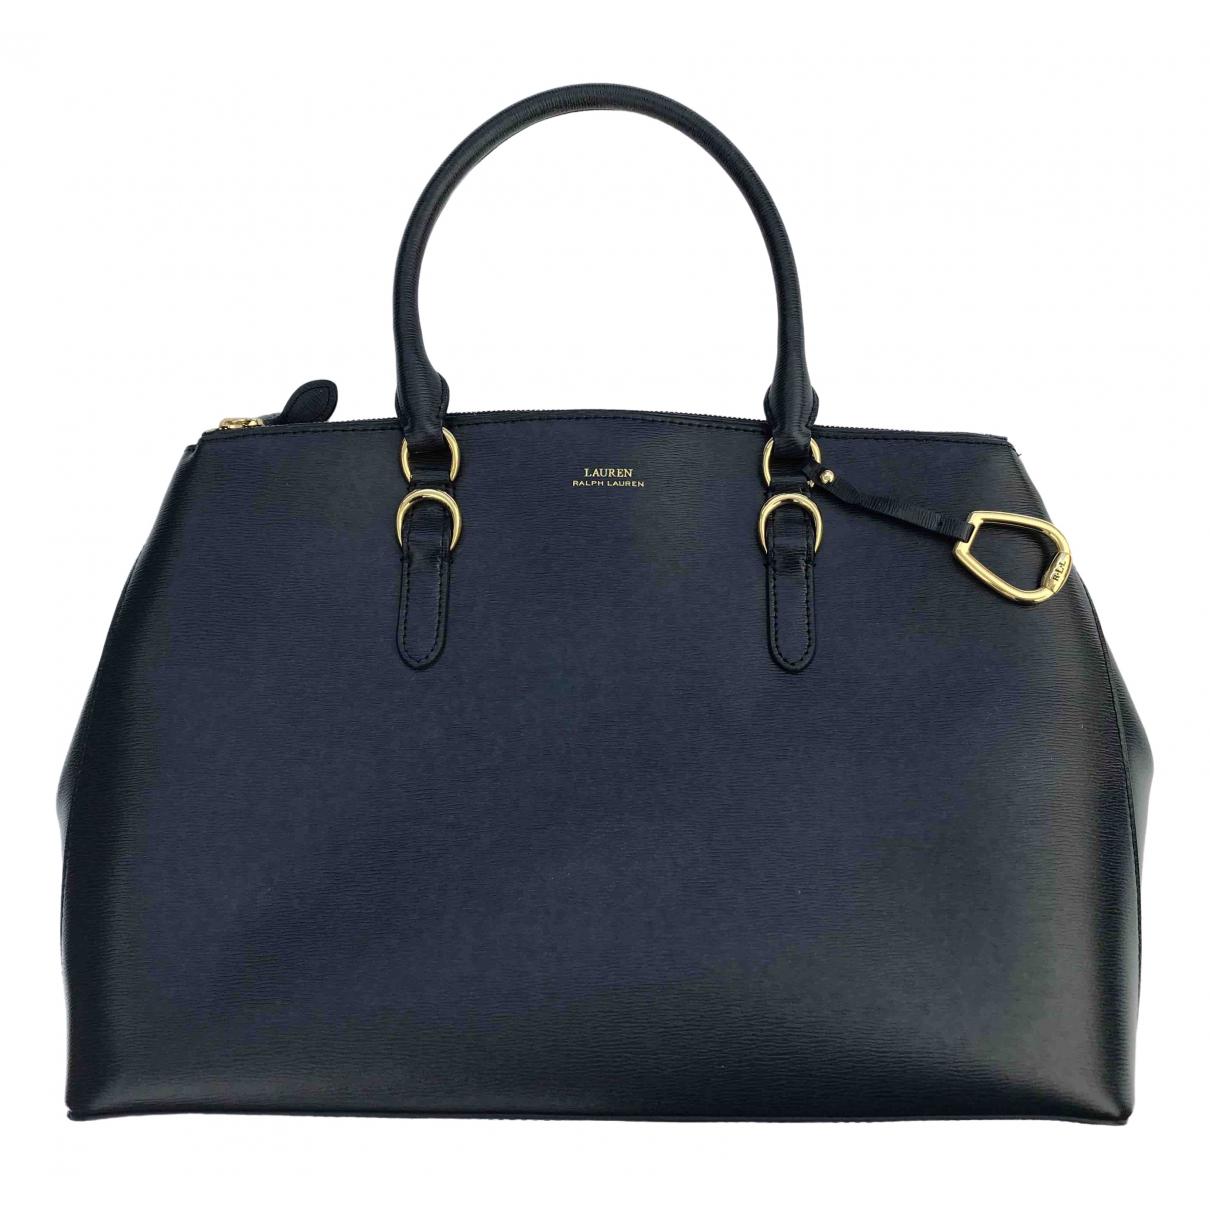 Lauren Ralph Lauren \N Blue Leather handbag for Women \N